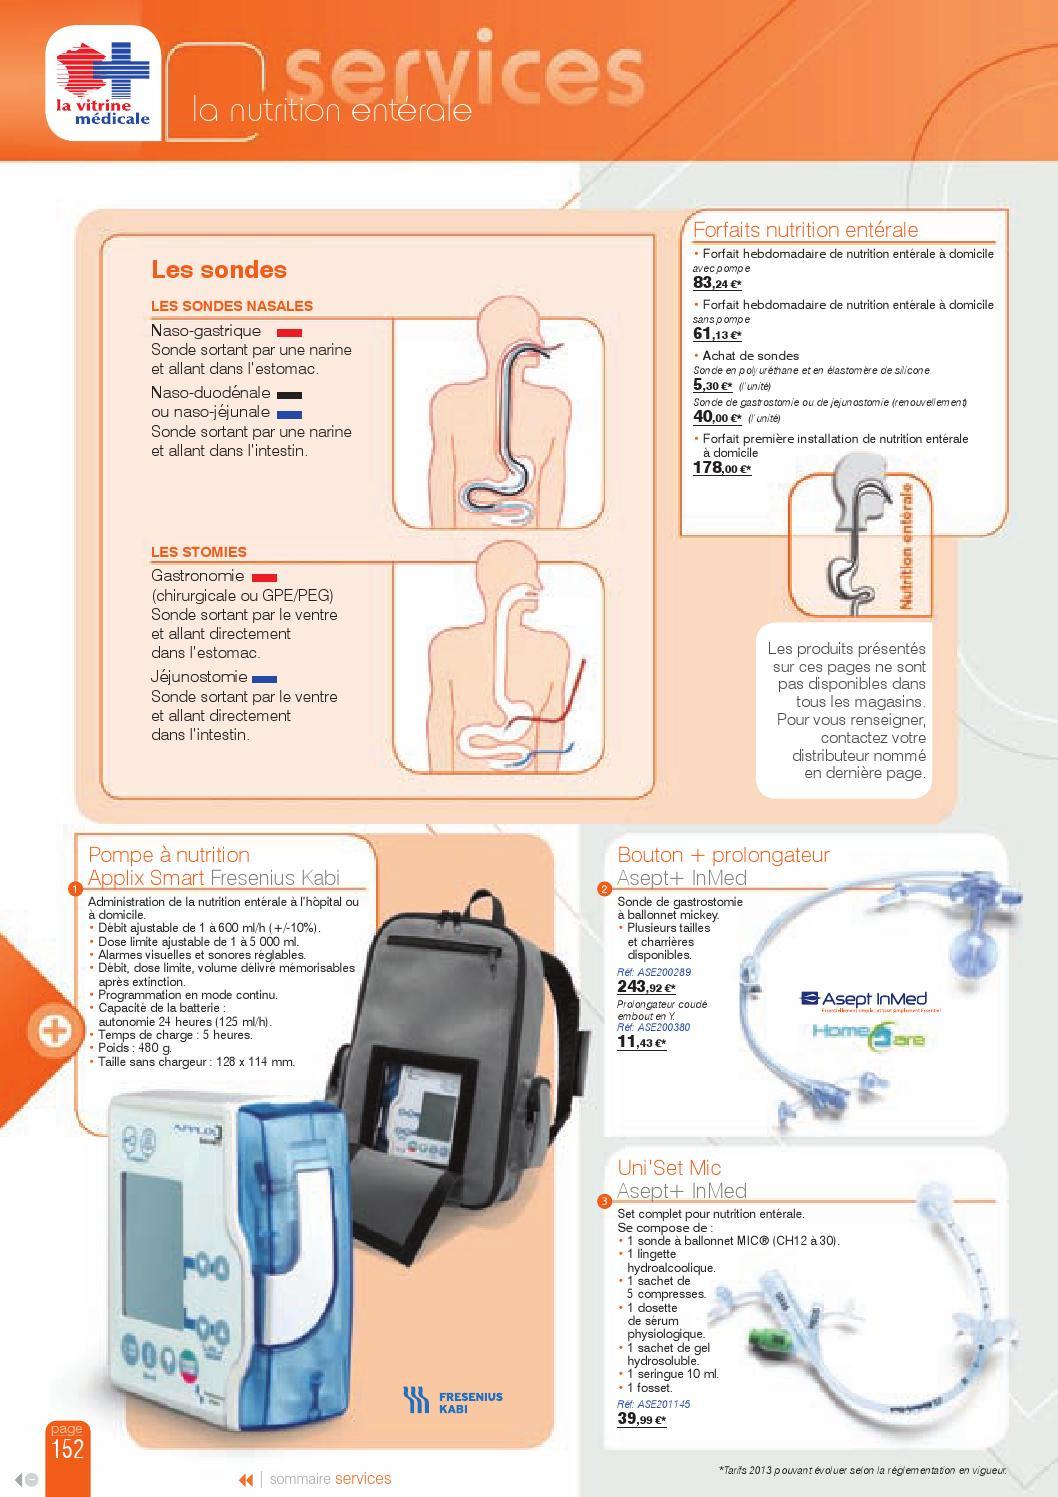 Guide du materiel medical 9 t9 v9 9 basse def by Square